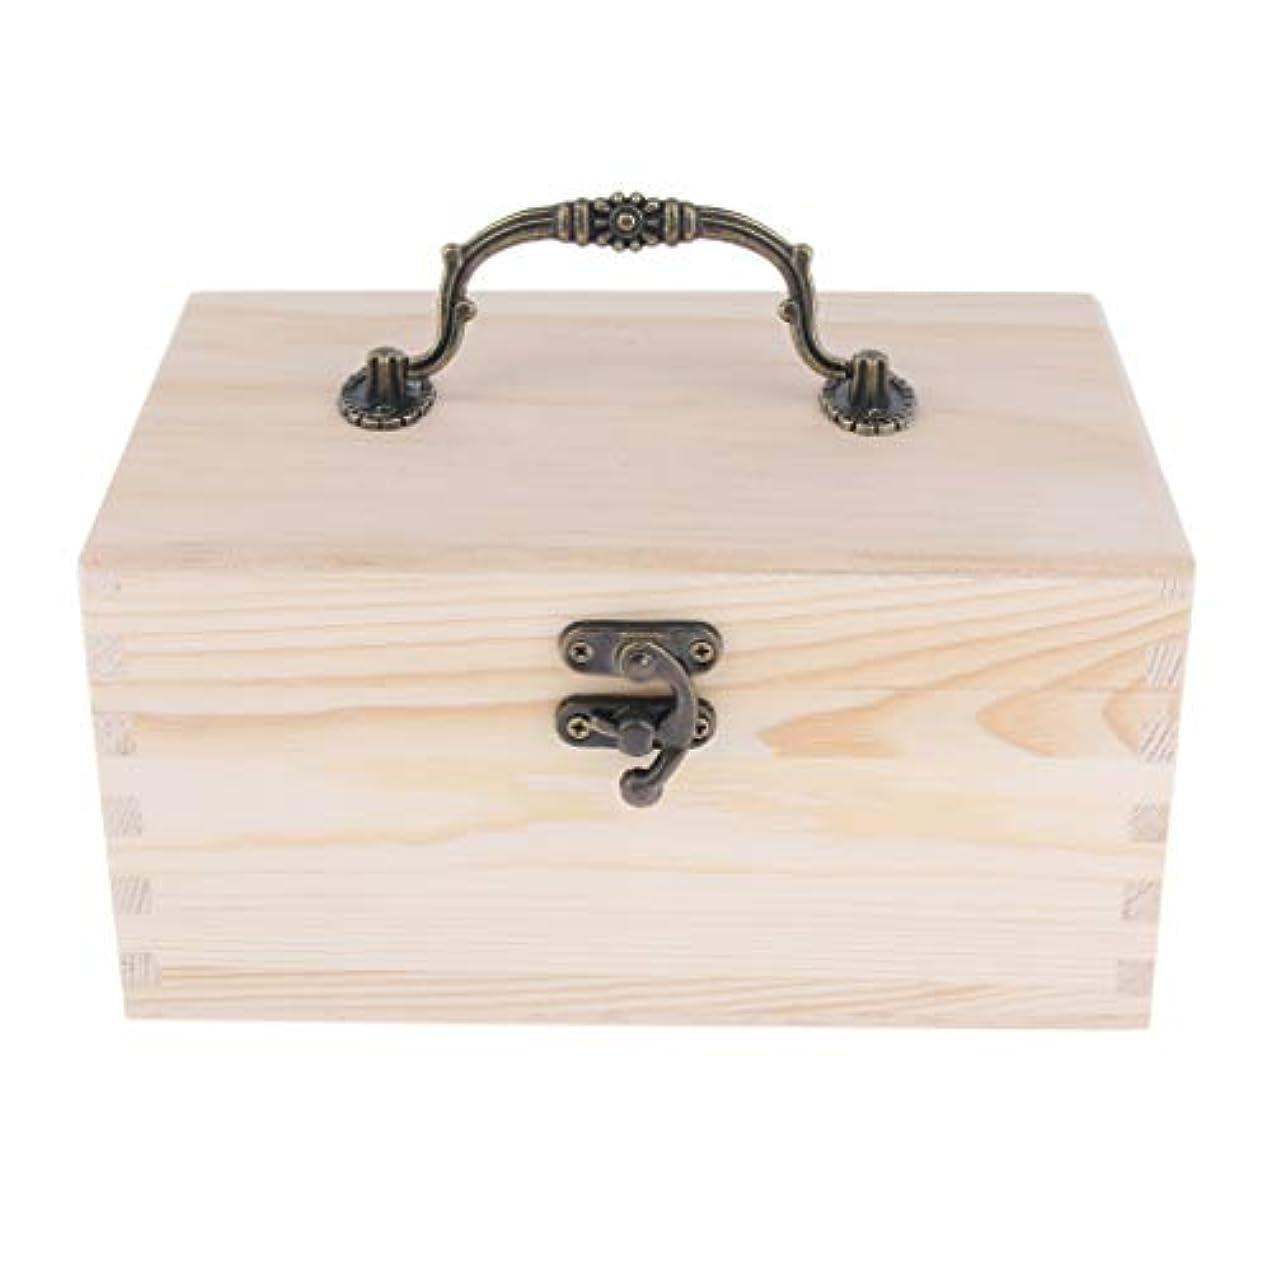 スペインがっかりする薬剤師エッセンシャルオイルケース ディスプレイホルダー 15仕切り キャリーケース 収納ボックス